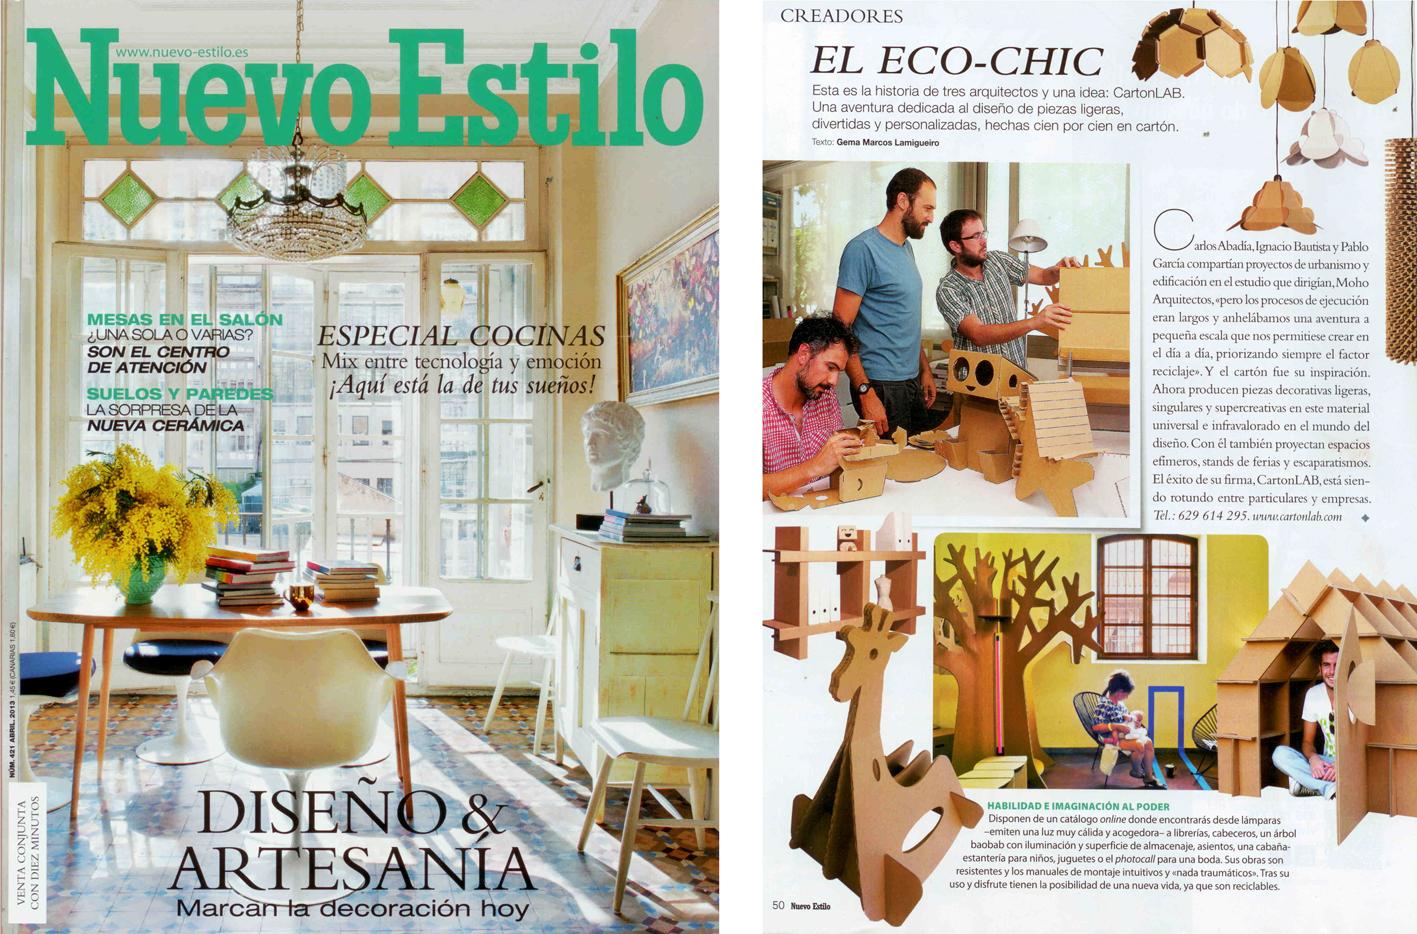 cartonLAB_Nuevo-estilo_ecochic_01